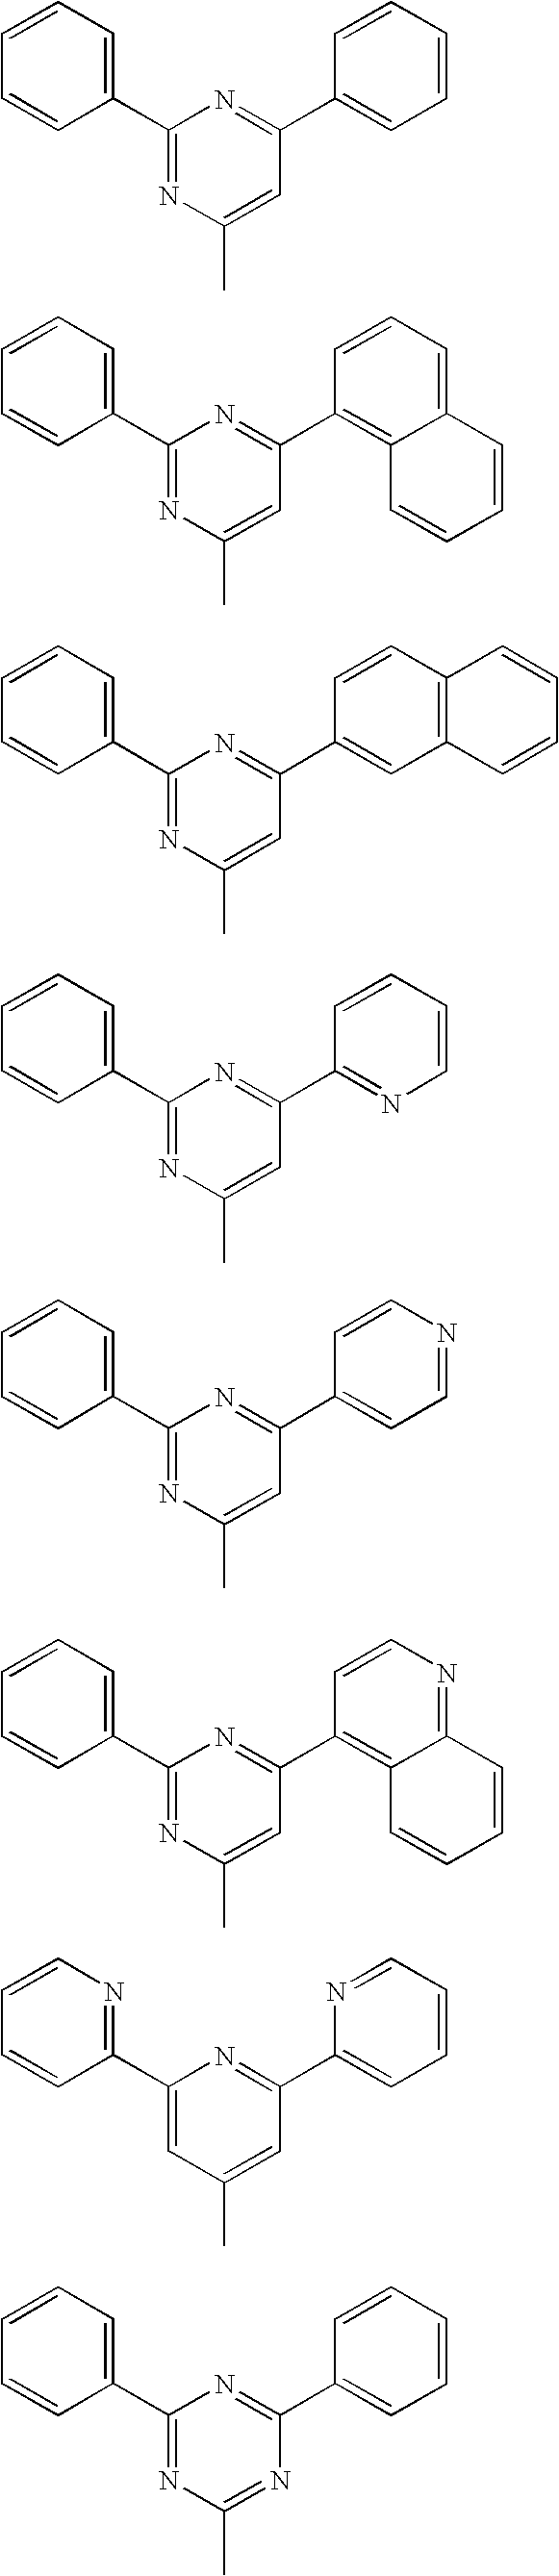 Figure US08154195-20120410-C00038